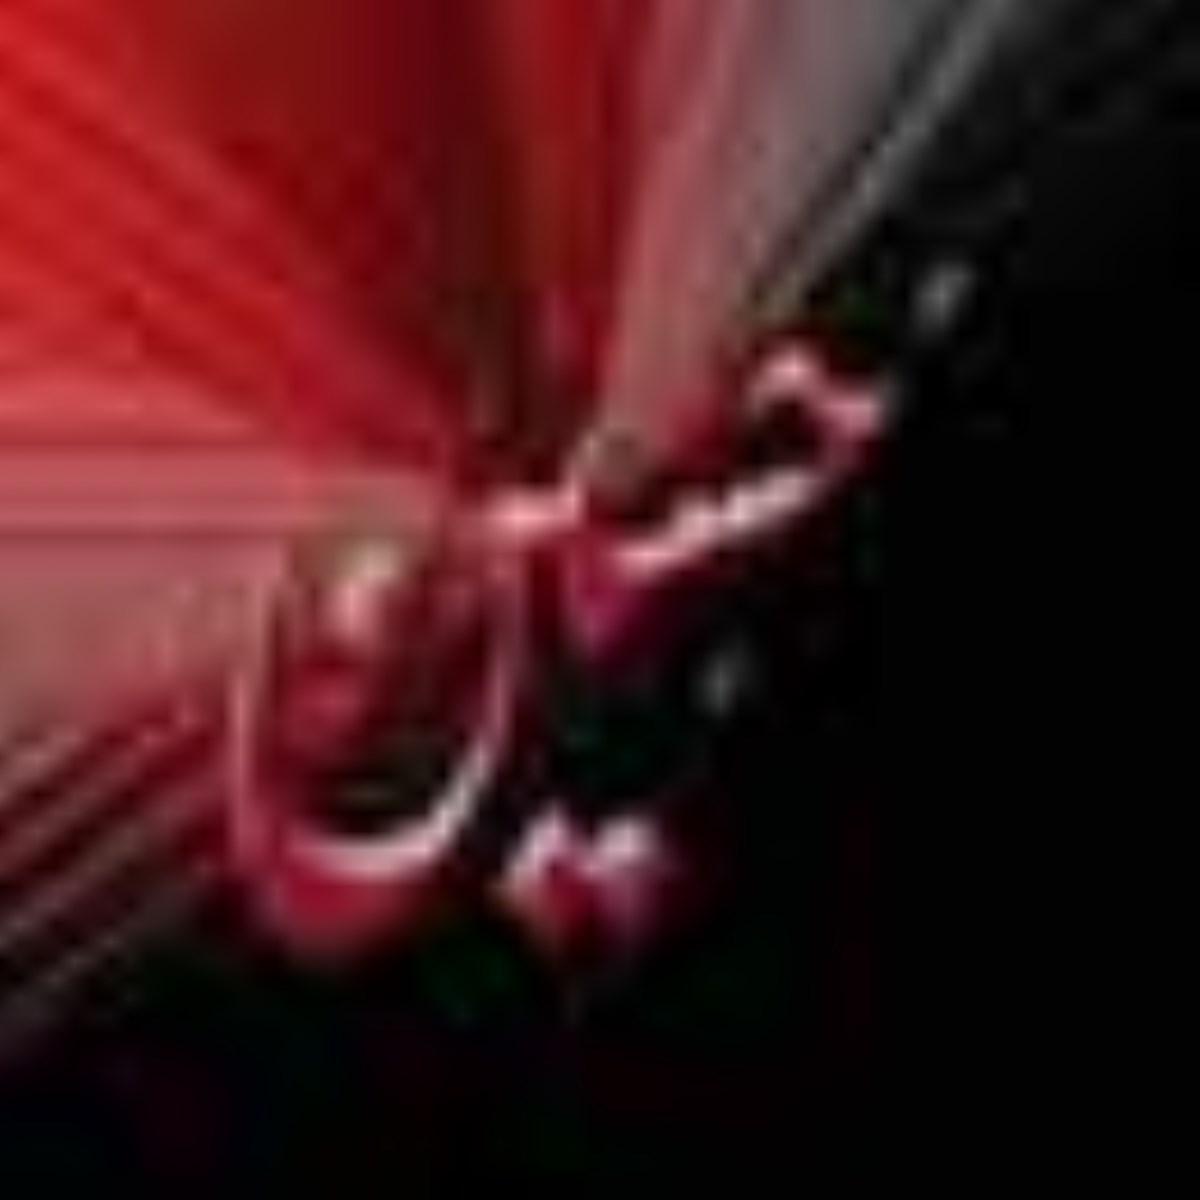 امام حسین در سیره و اندیشه شهیدان